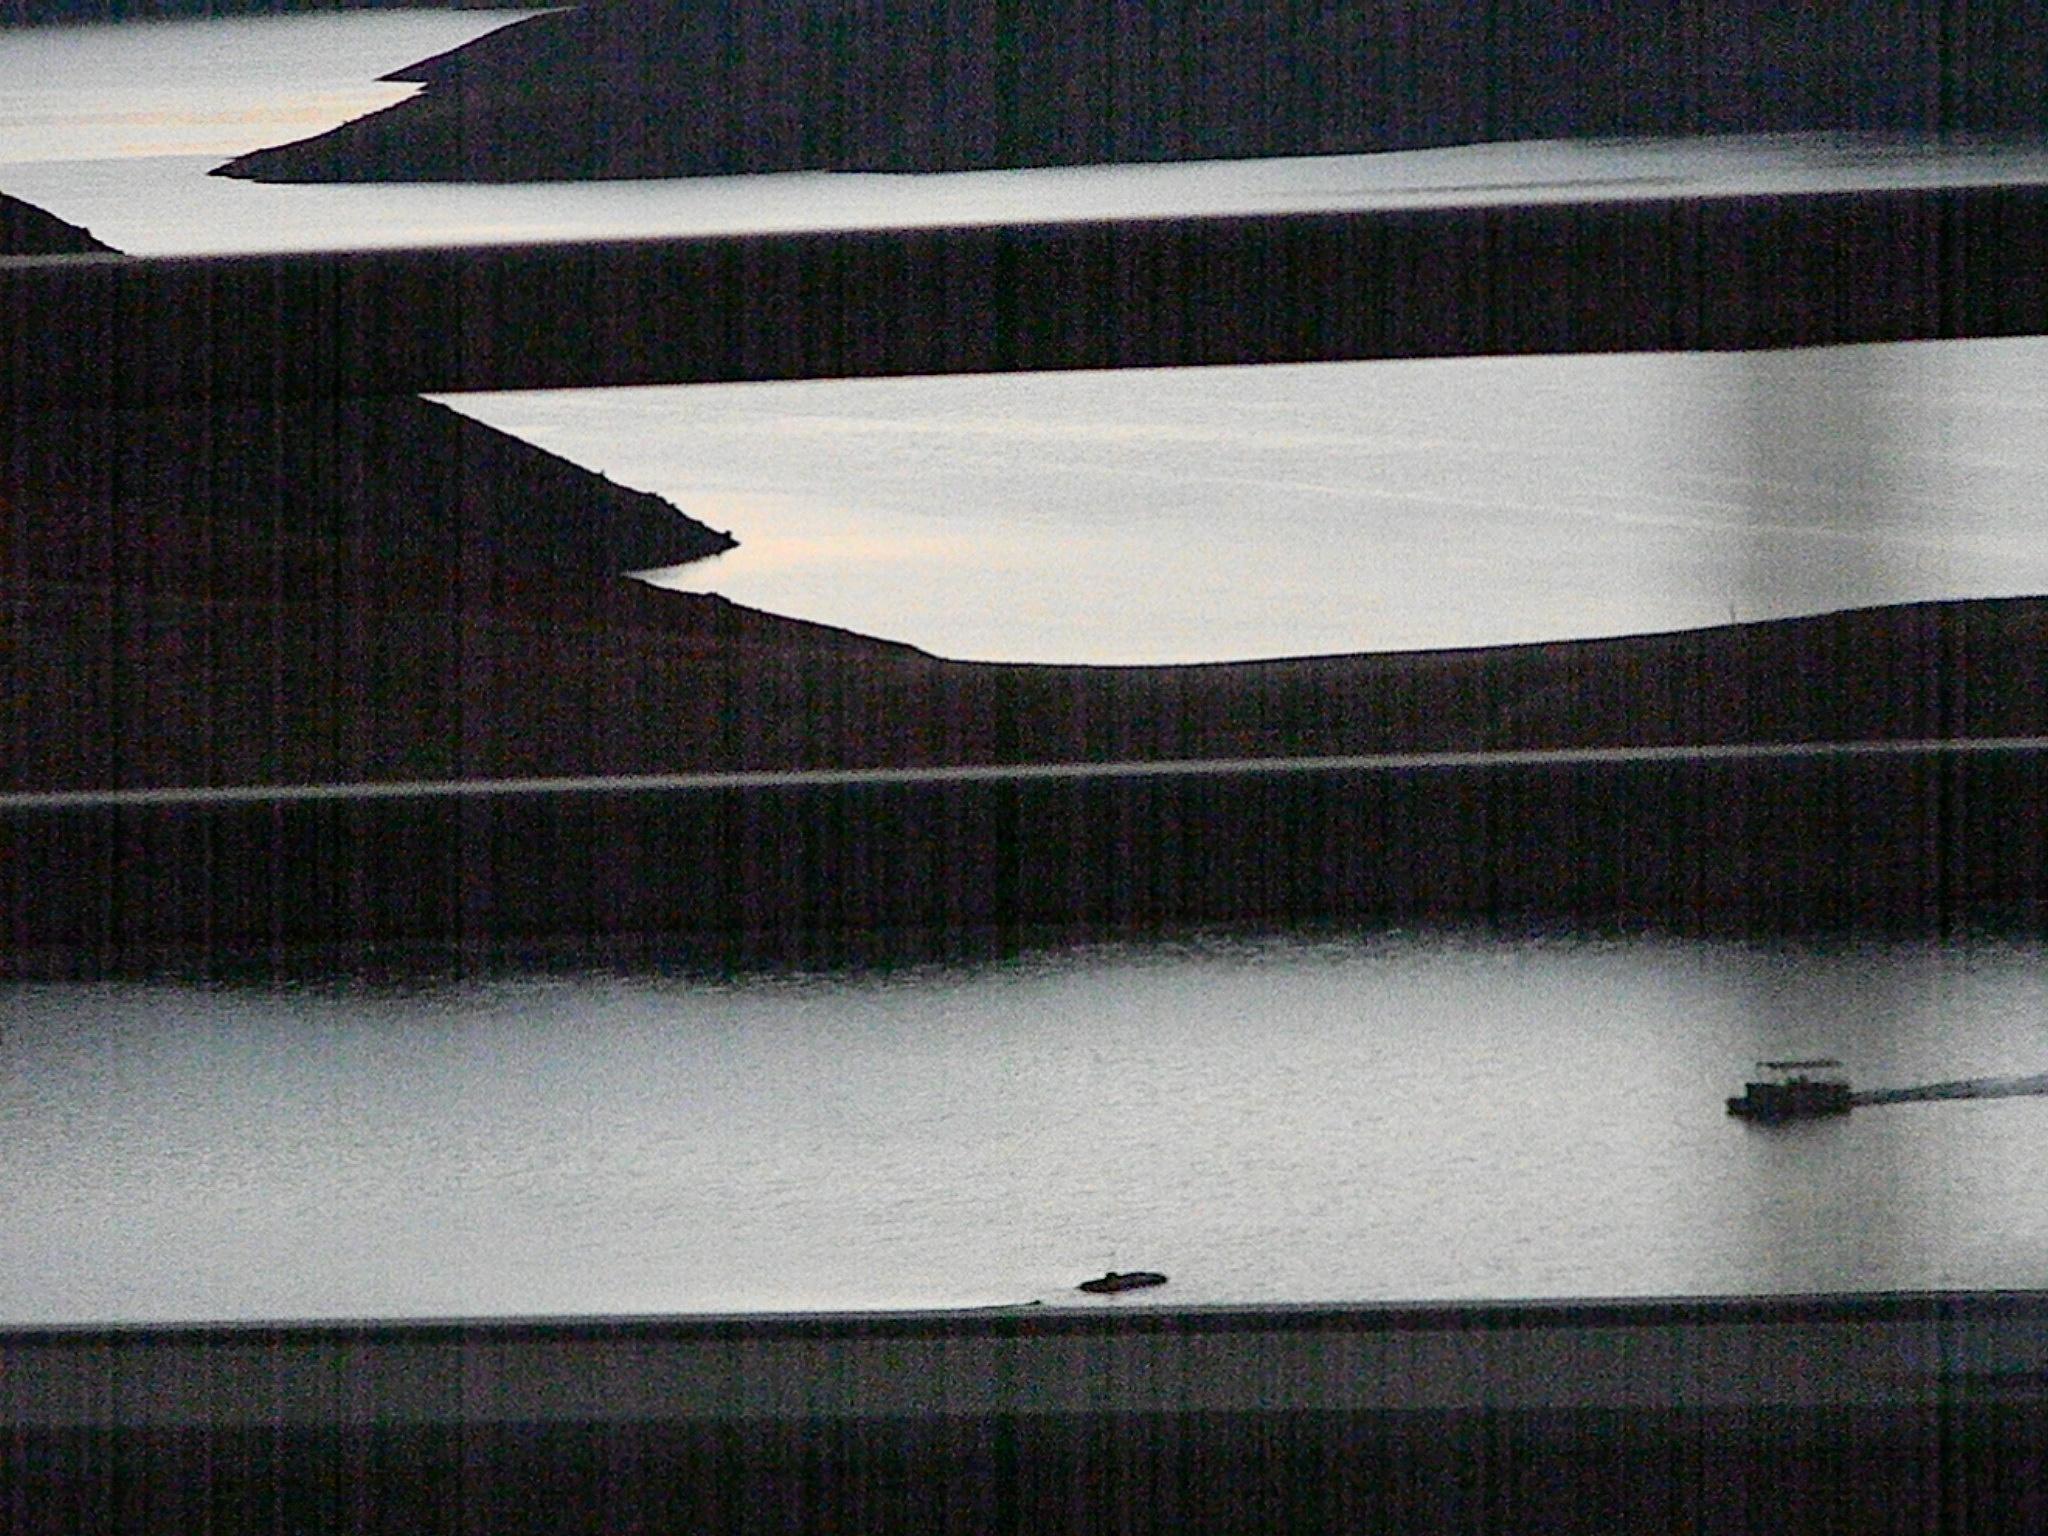 Shasta Lake 2 by joy.kilpatric